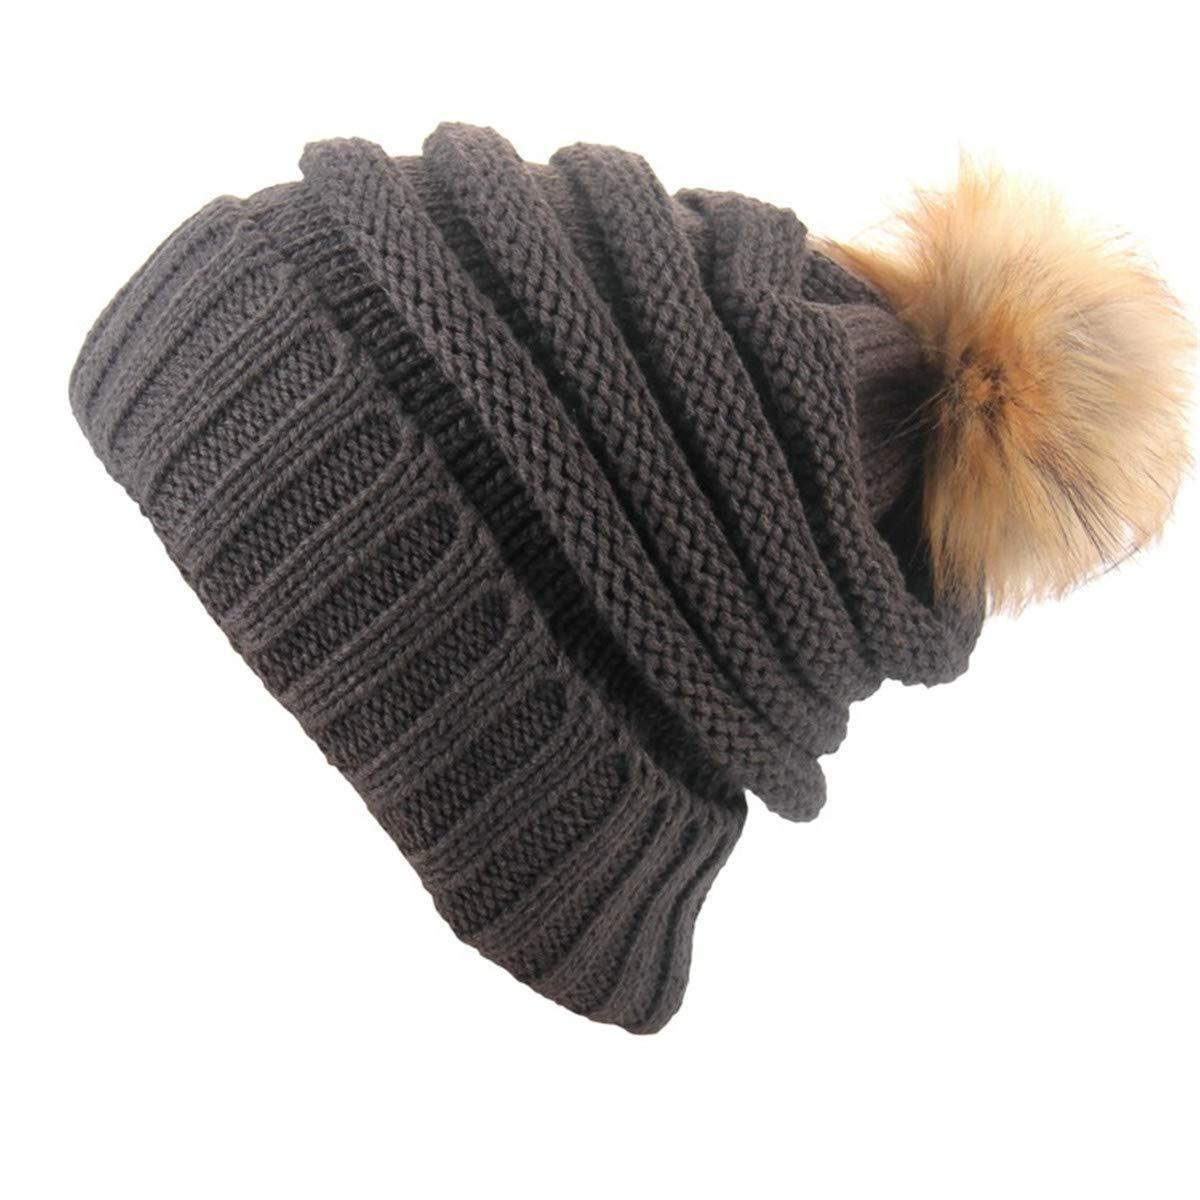 ECYC Women Pompom Beanies Hat Fashion Knit Bobble Ski Beanie Cap